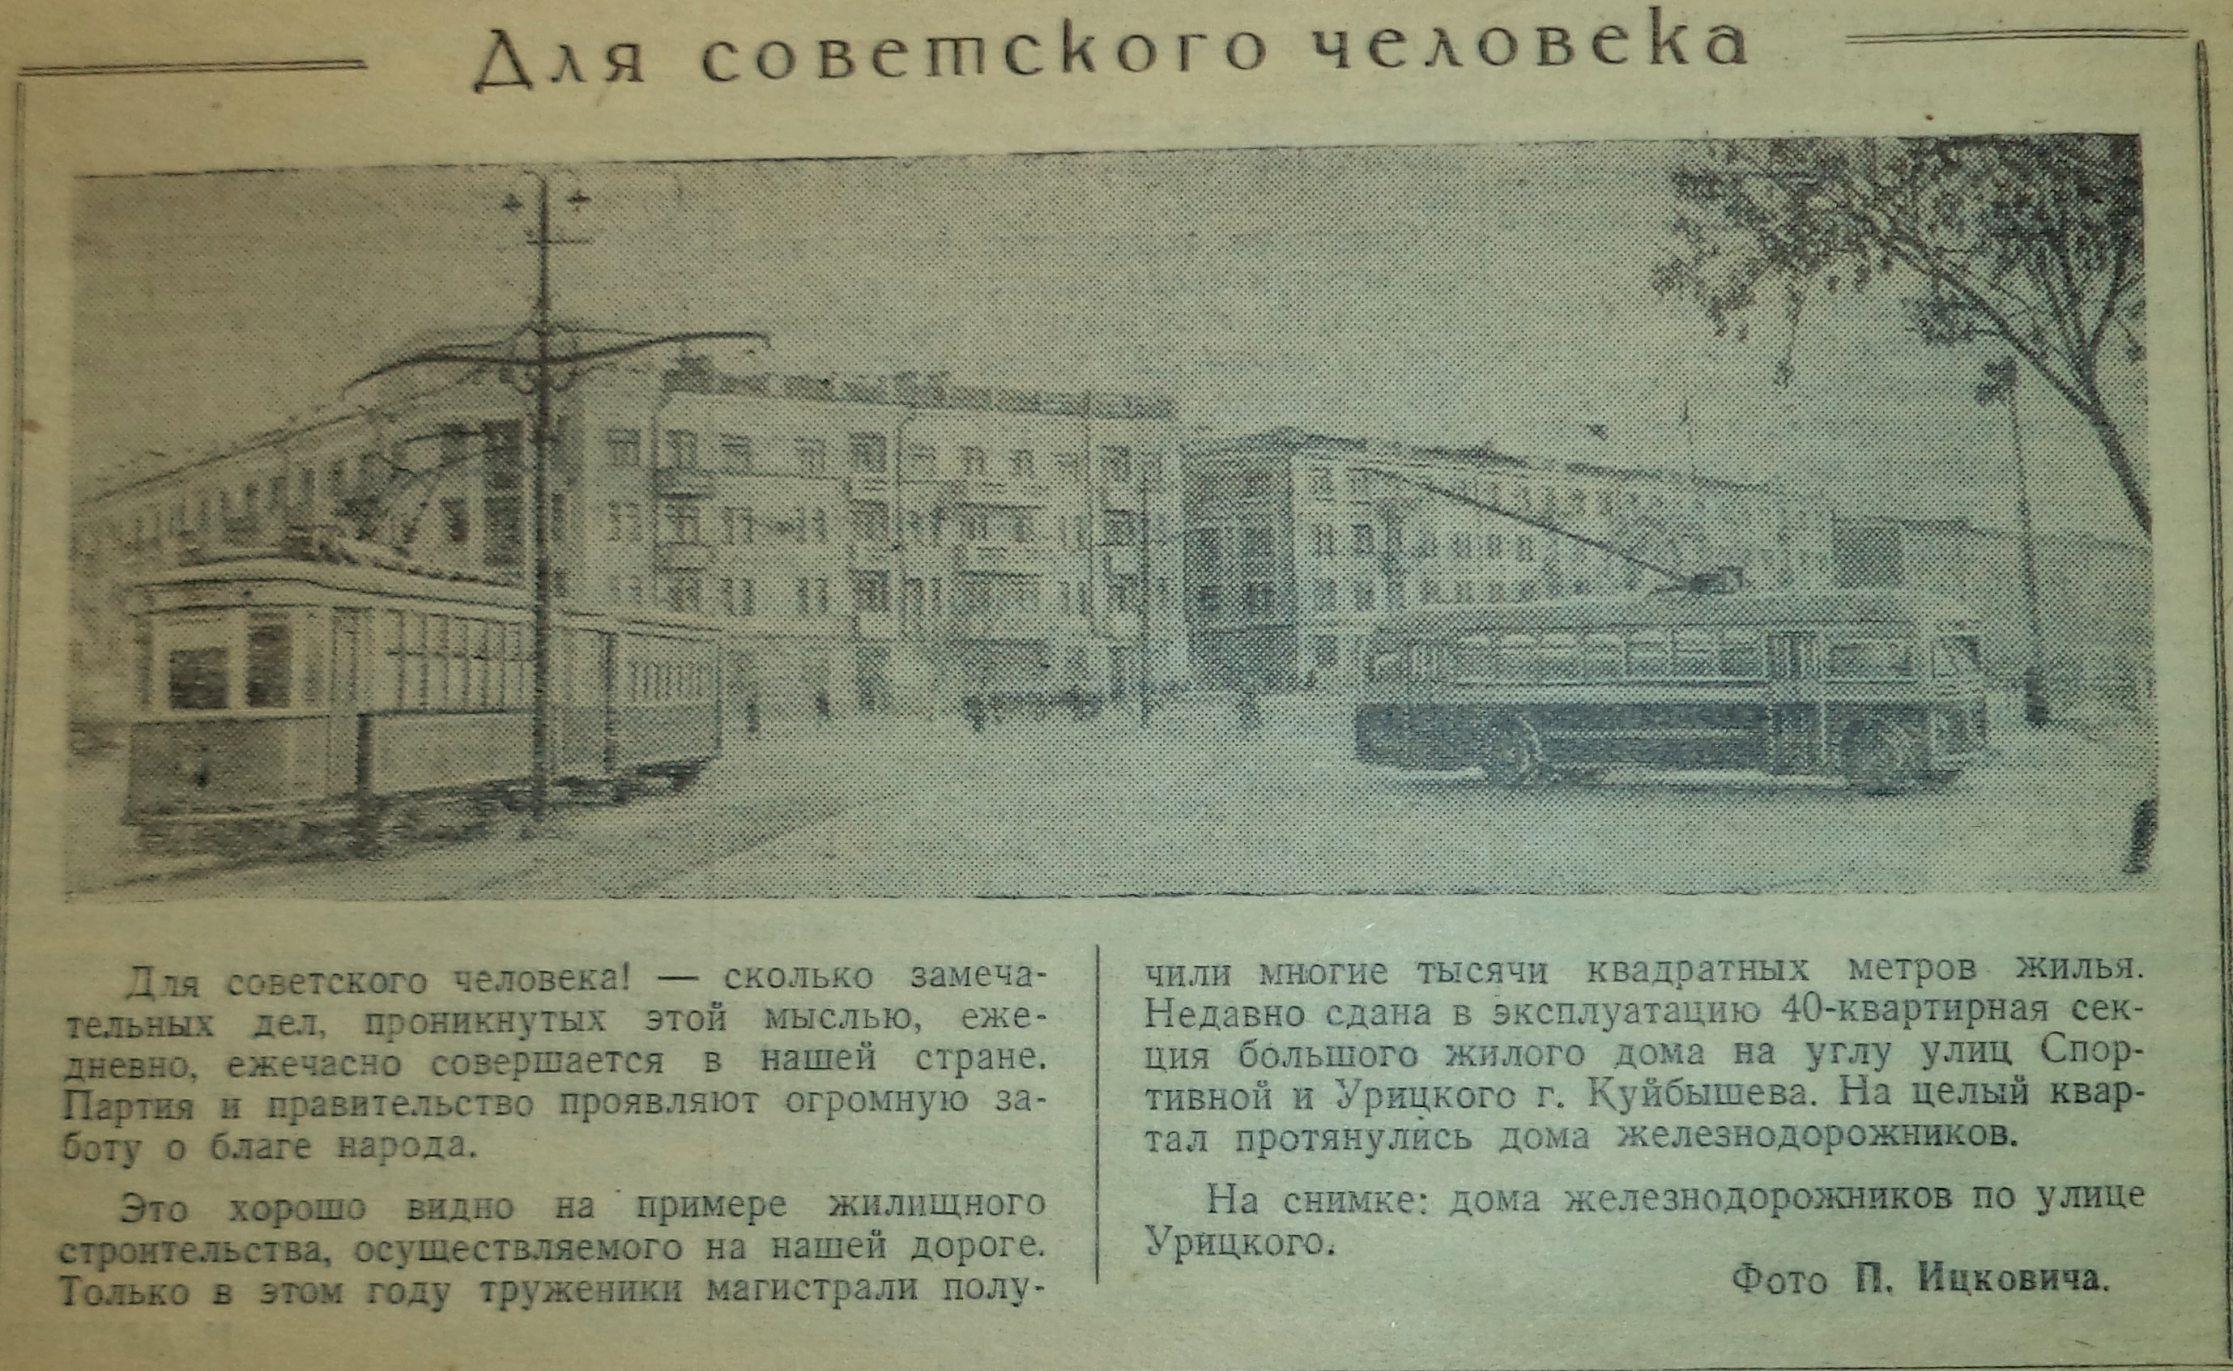 Спортивная-ФОТО-65-Большевистское Знамя-1955-4 декабря-3-Y-min